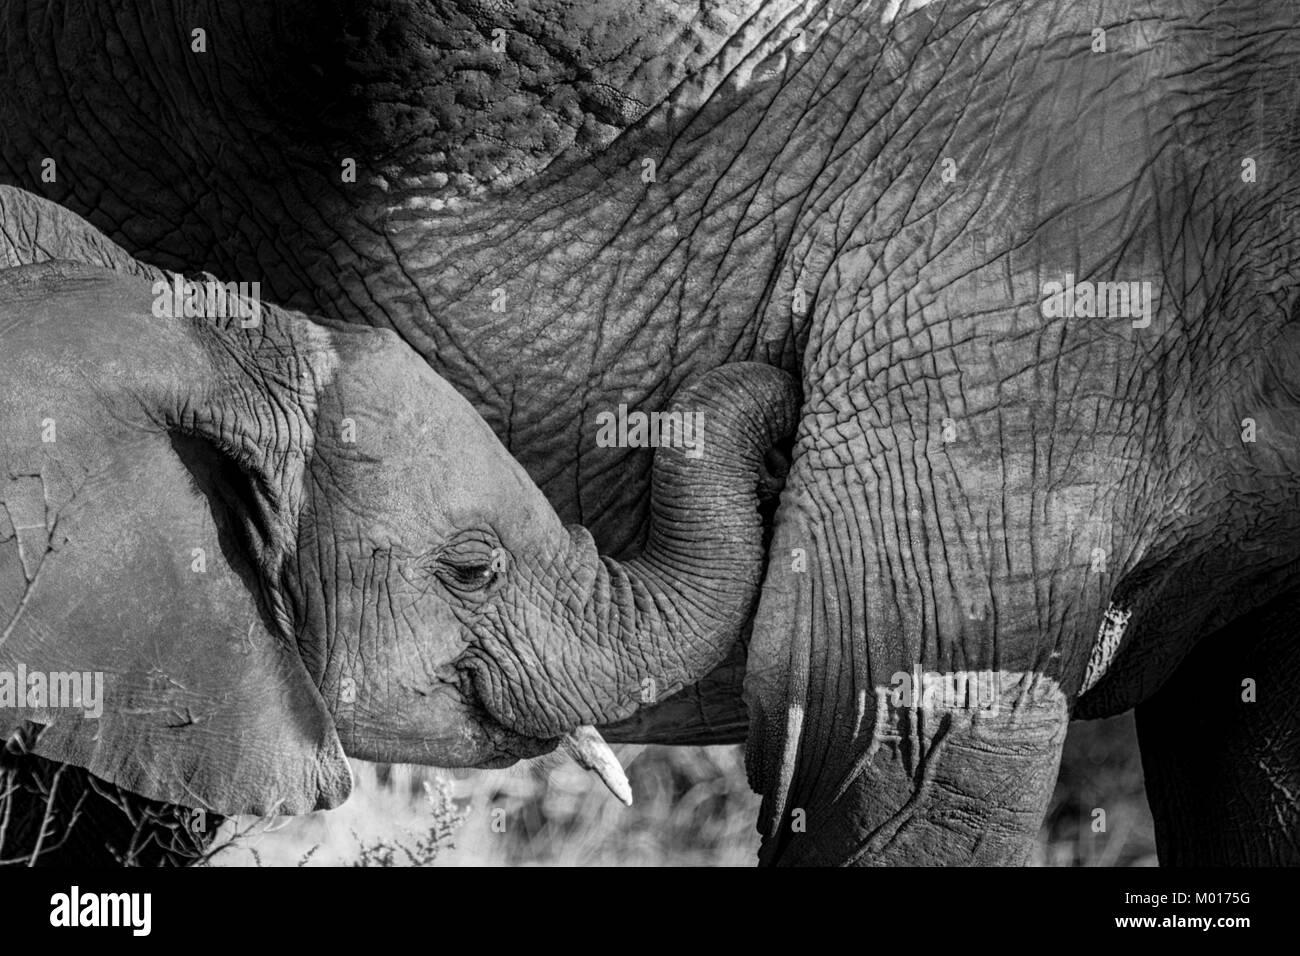 Immagine in bianco e nero di un bambino Elefante africano Loxodonta africana, mostrando affetto a sua madre, Bufalo Immagini Stock